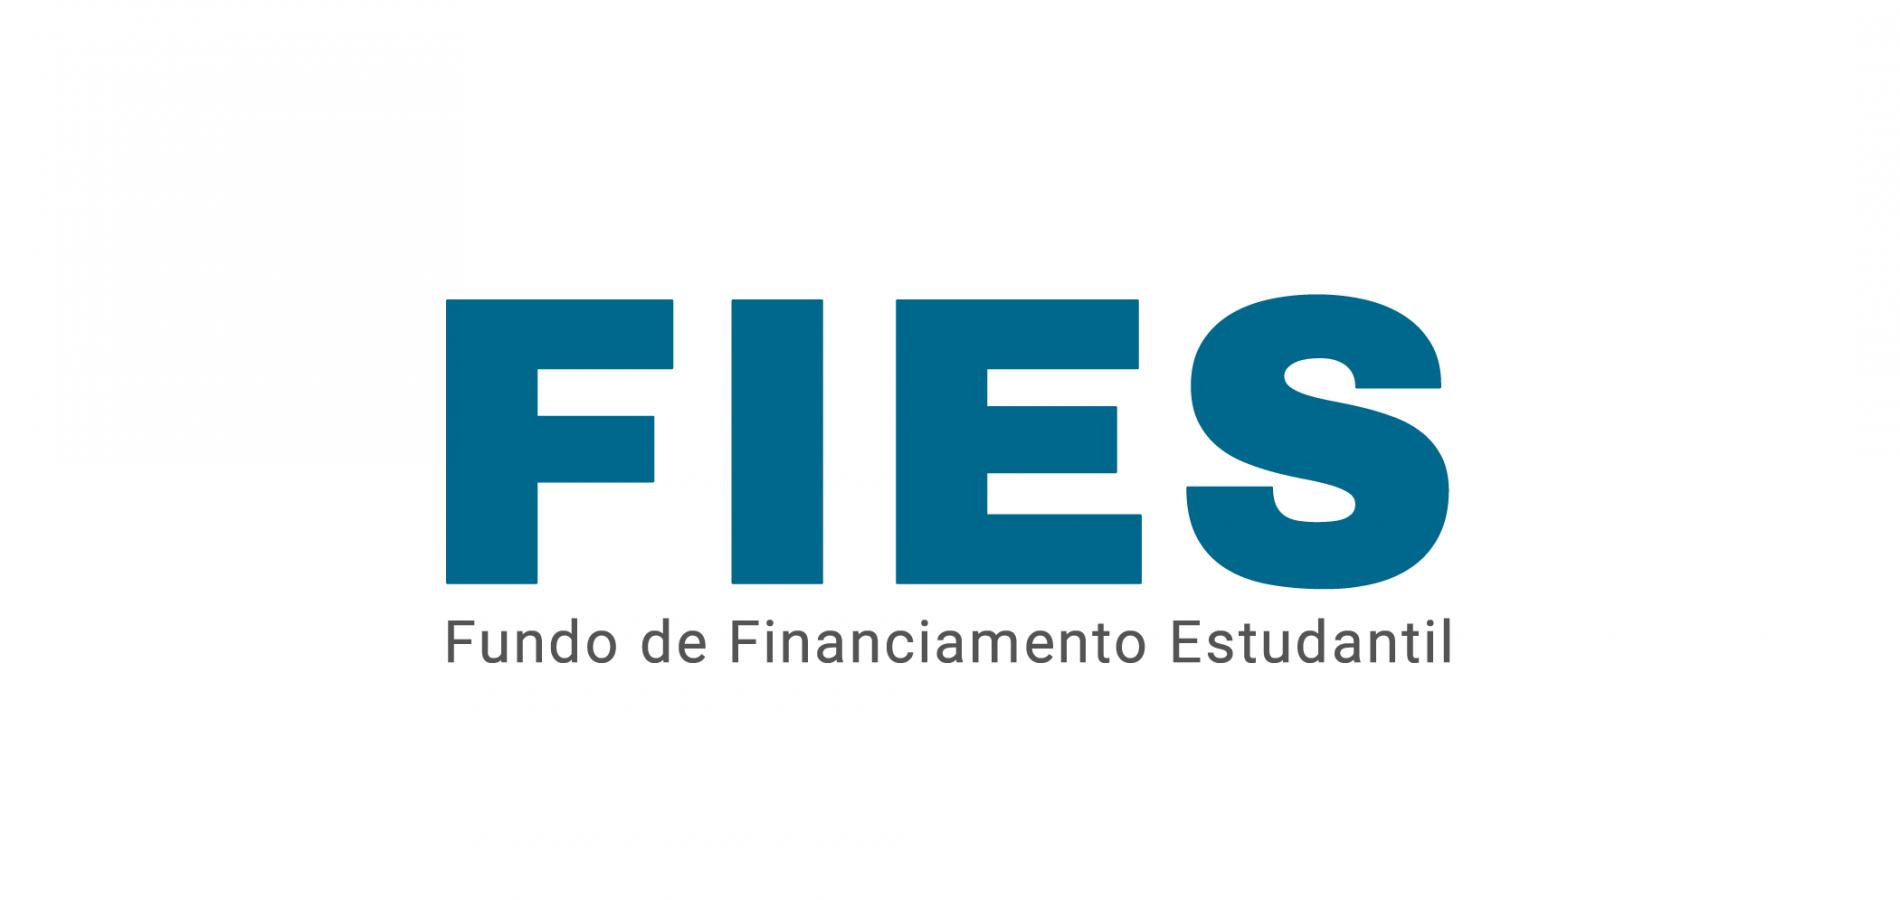 Após falha no sistema, MEC prorroga as inscrições do Fies